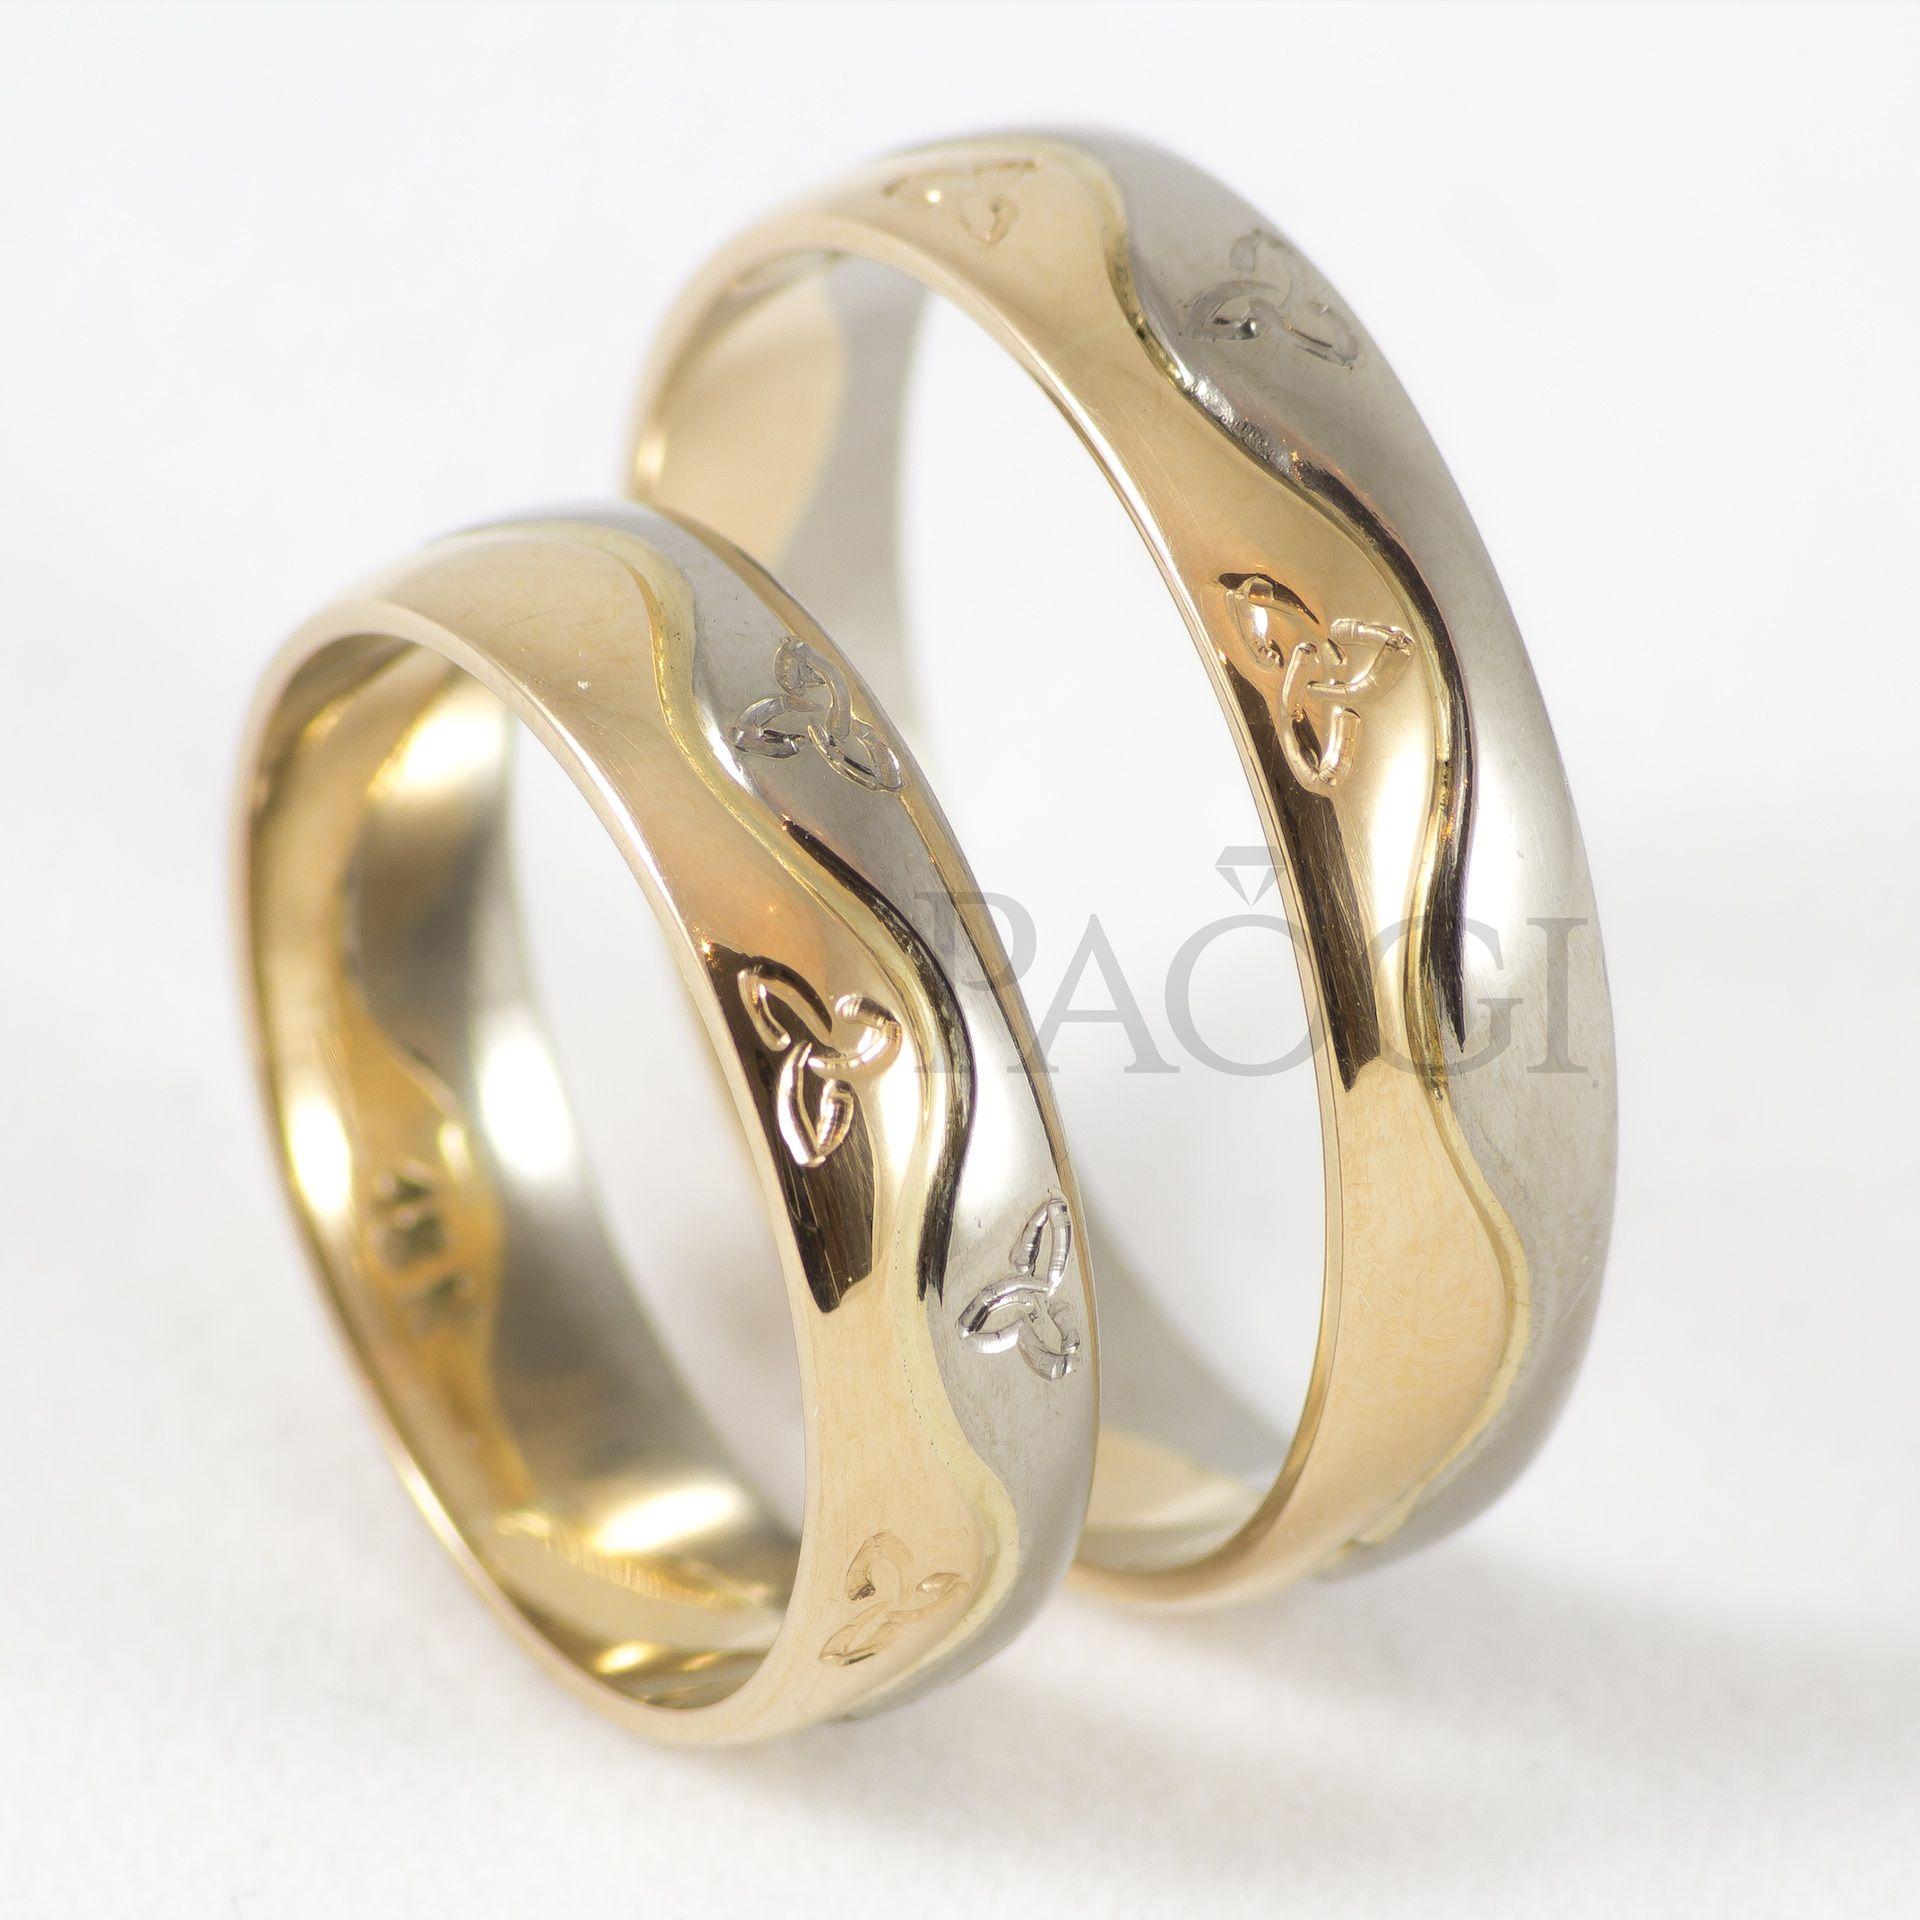 809bb817cb50 Paogi - Alianzas en Oro Blanco Paladio 18k y Oro Amarillo 18k con Nudos  Celtas Grabados